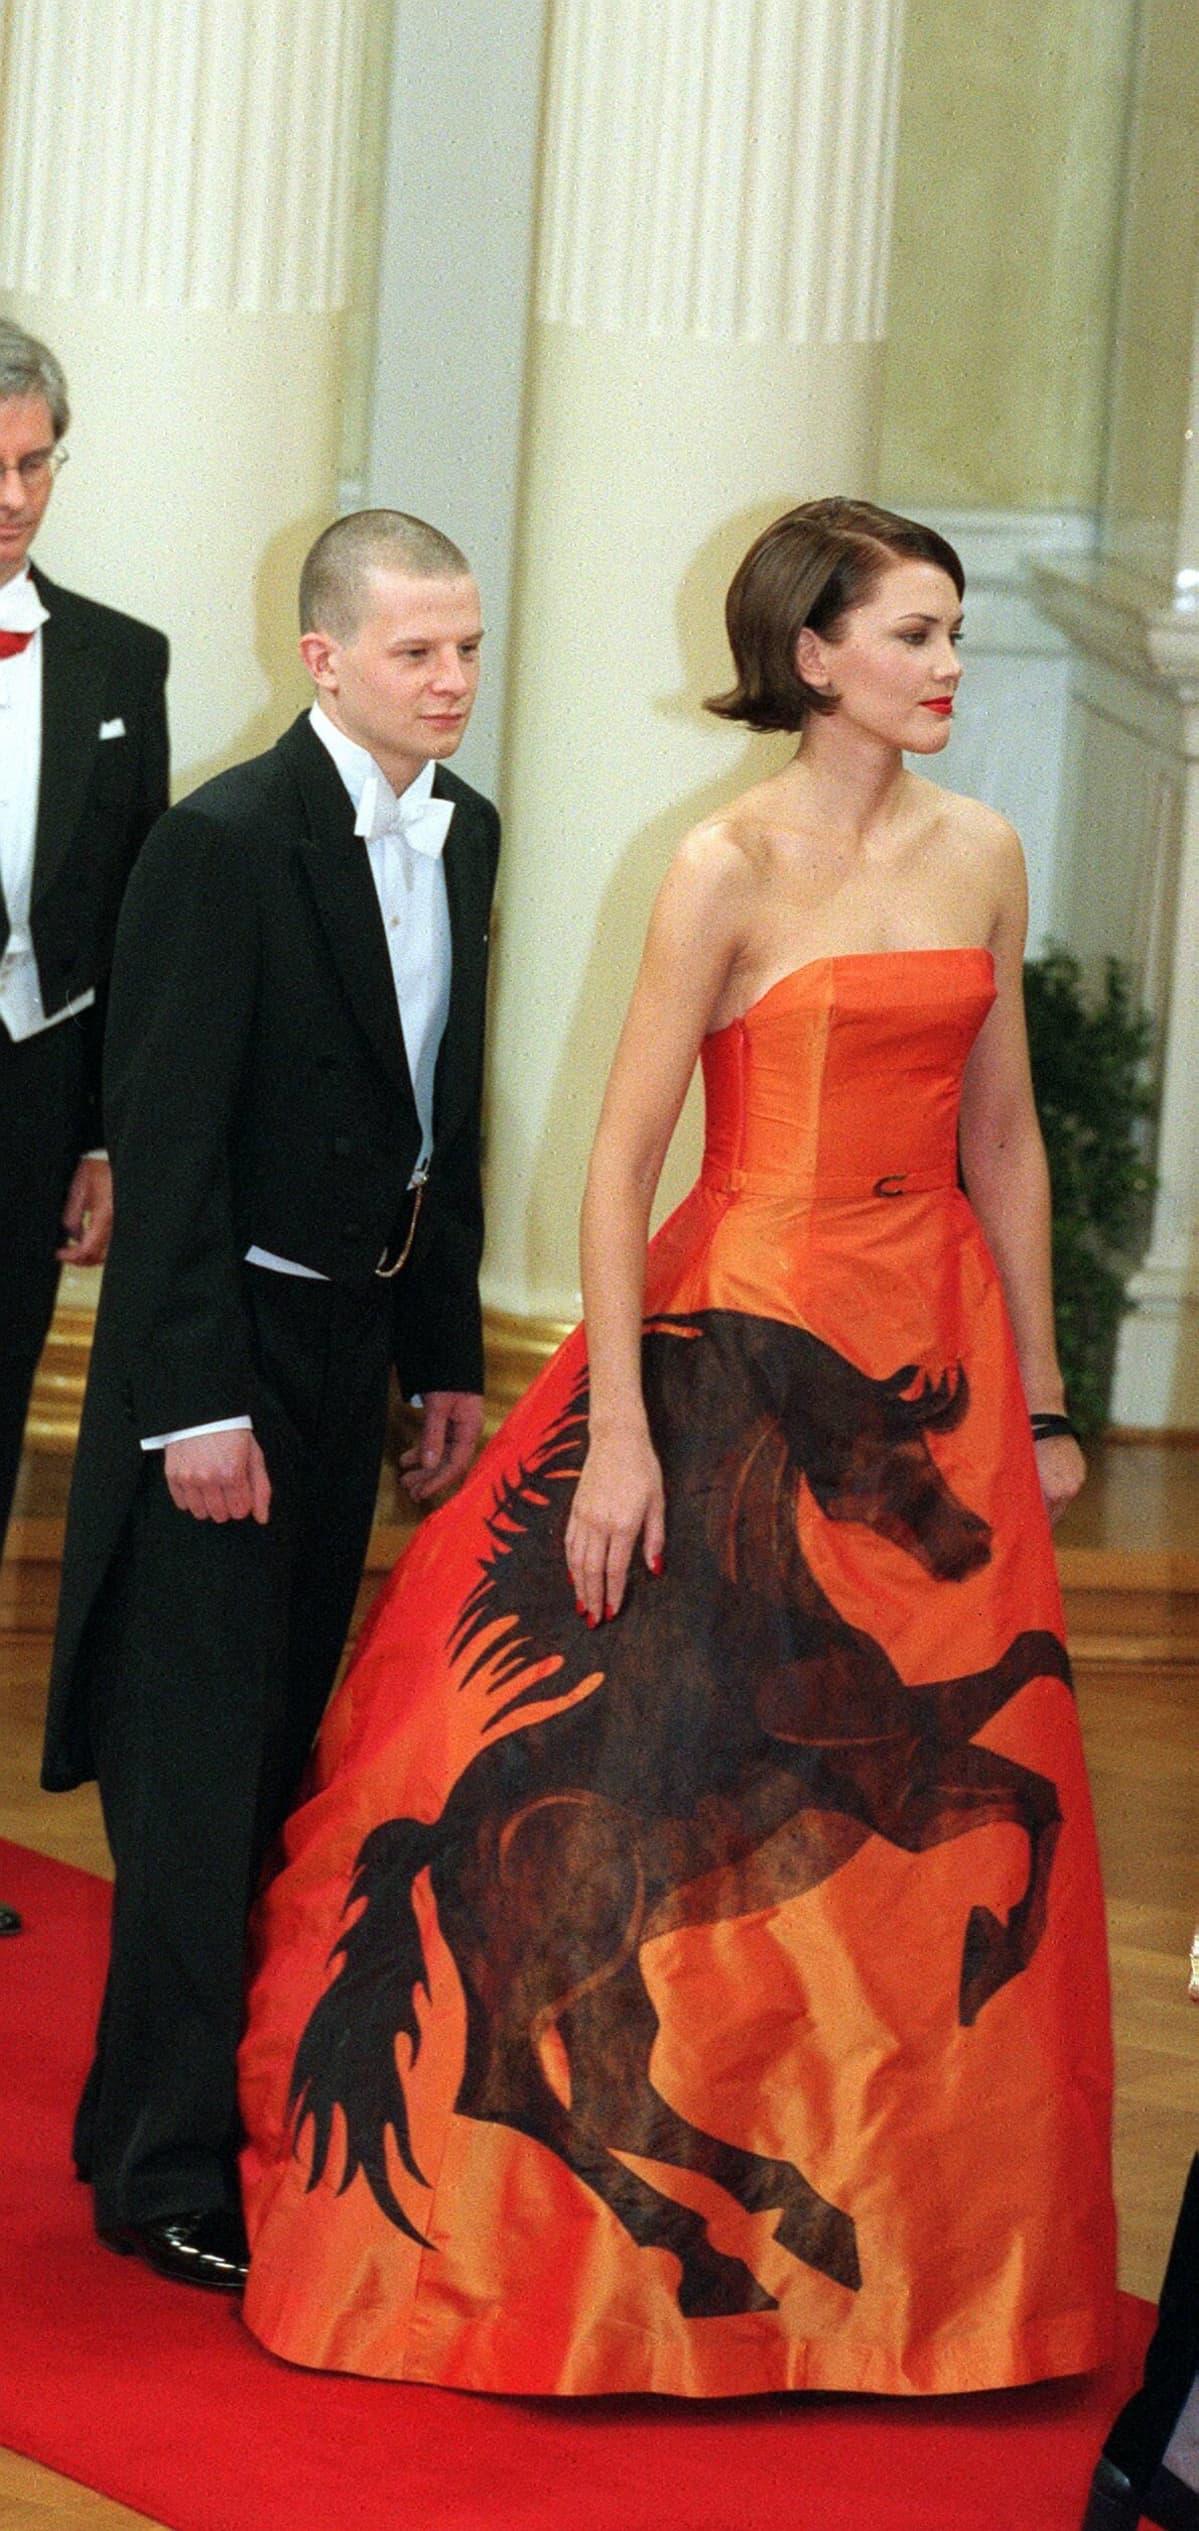 Oopperalaulaja Mari Palon vuoden 2000 juhlassa käyttämä puku on äänestetty ainakin kertaalleen Linnan juhlien kautta aikain upeimmaksi asuksi.